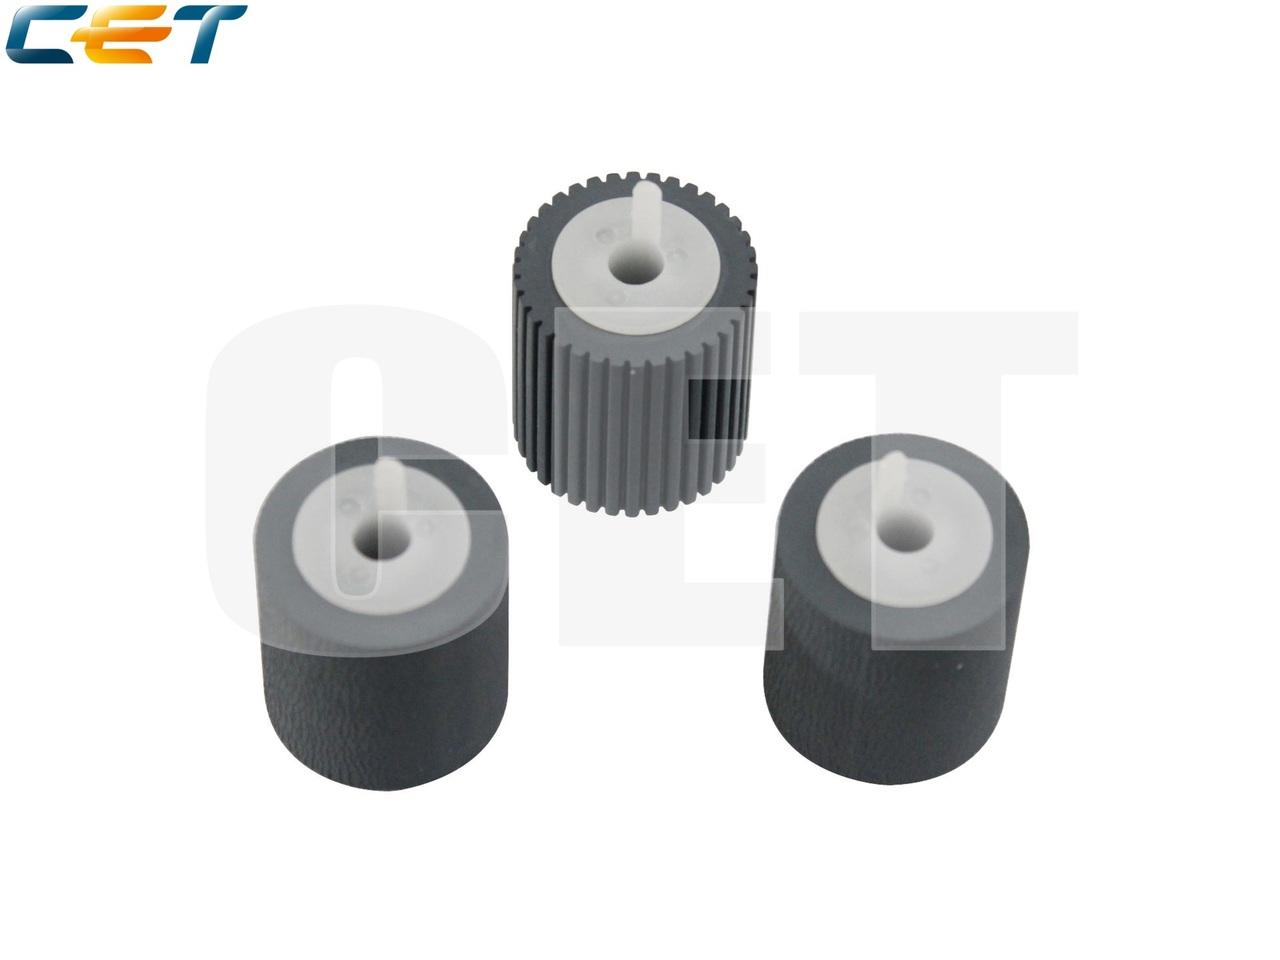 Комплект роликов NROLR1466FCZ1 (2 шт.), NROLR1467FCZ1(1 шт.) для SHARP ARM550/M620/M700, MX-M550/M620/M700(CET), CET3314